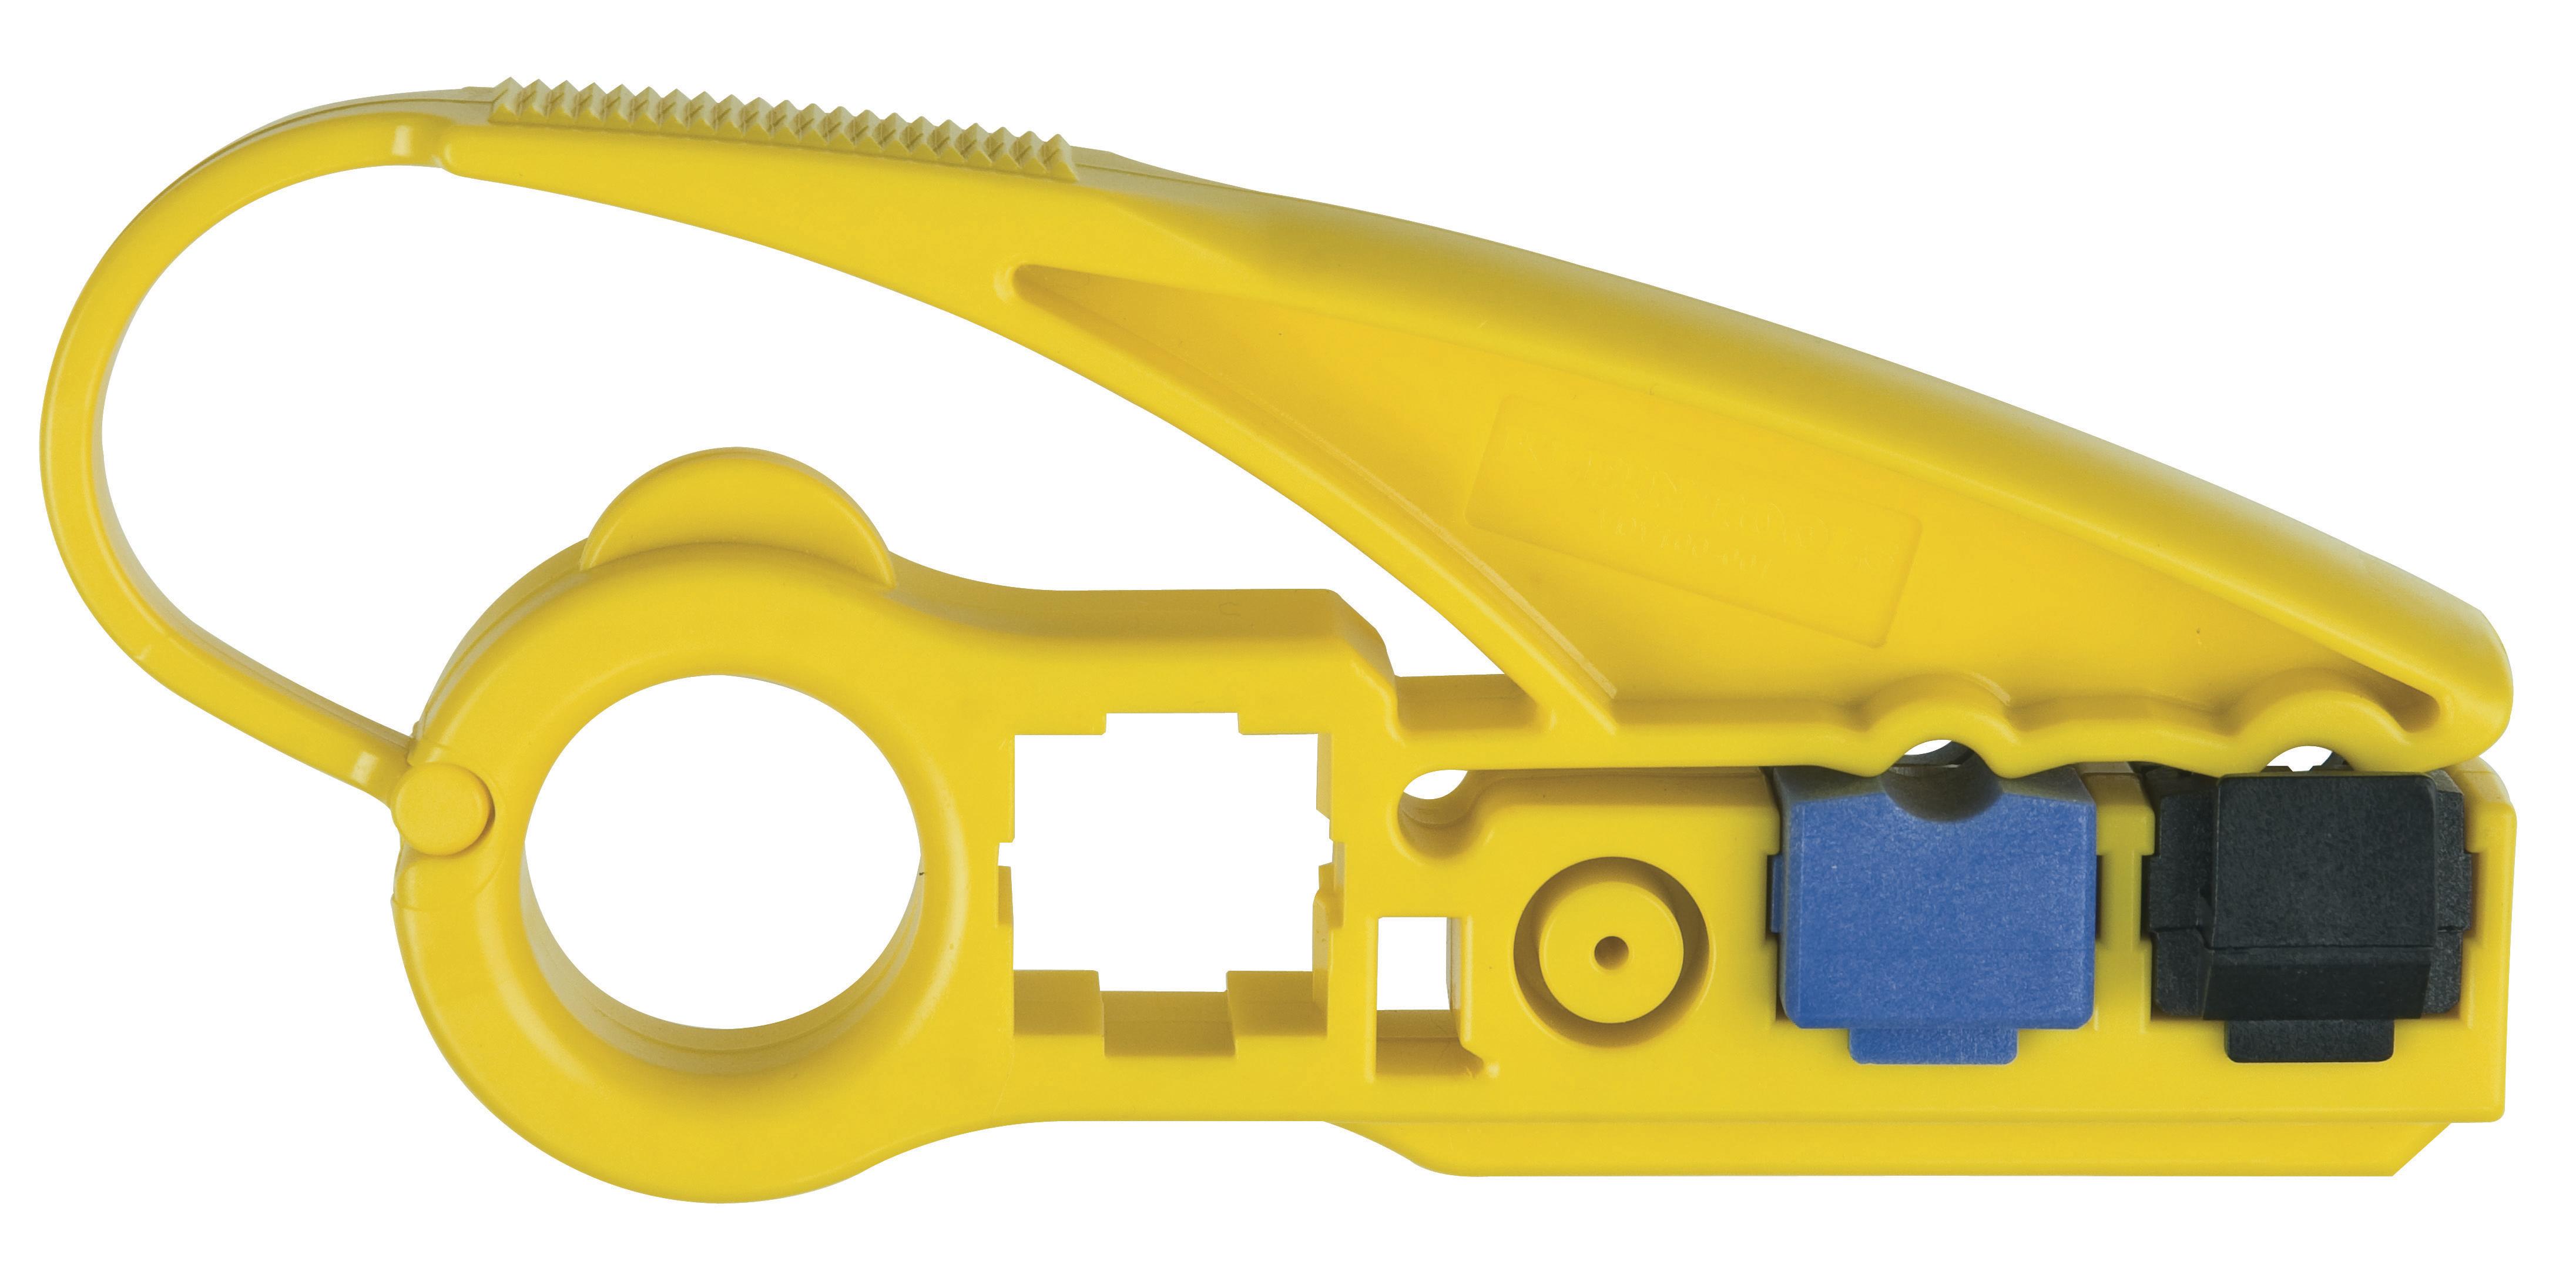 KLEIN VDV100-801-SEN Dual Cart, Radial Stripper - RG6/59 [VDV100 ...